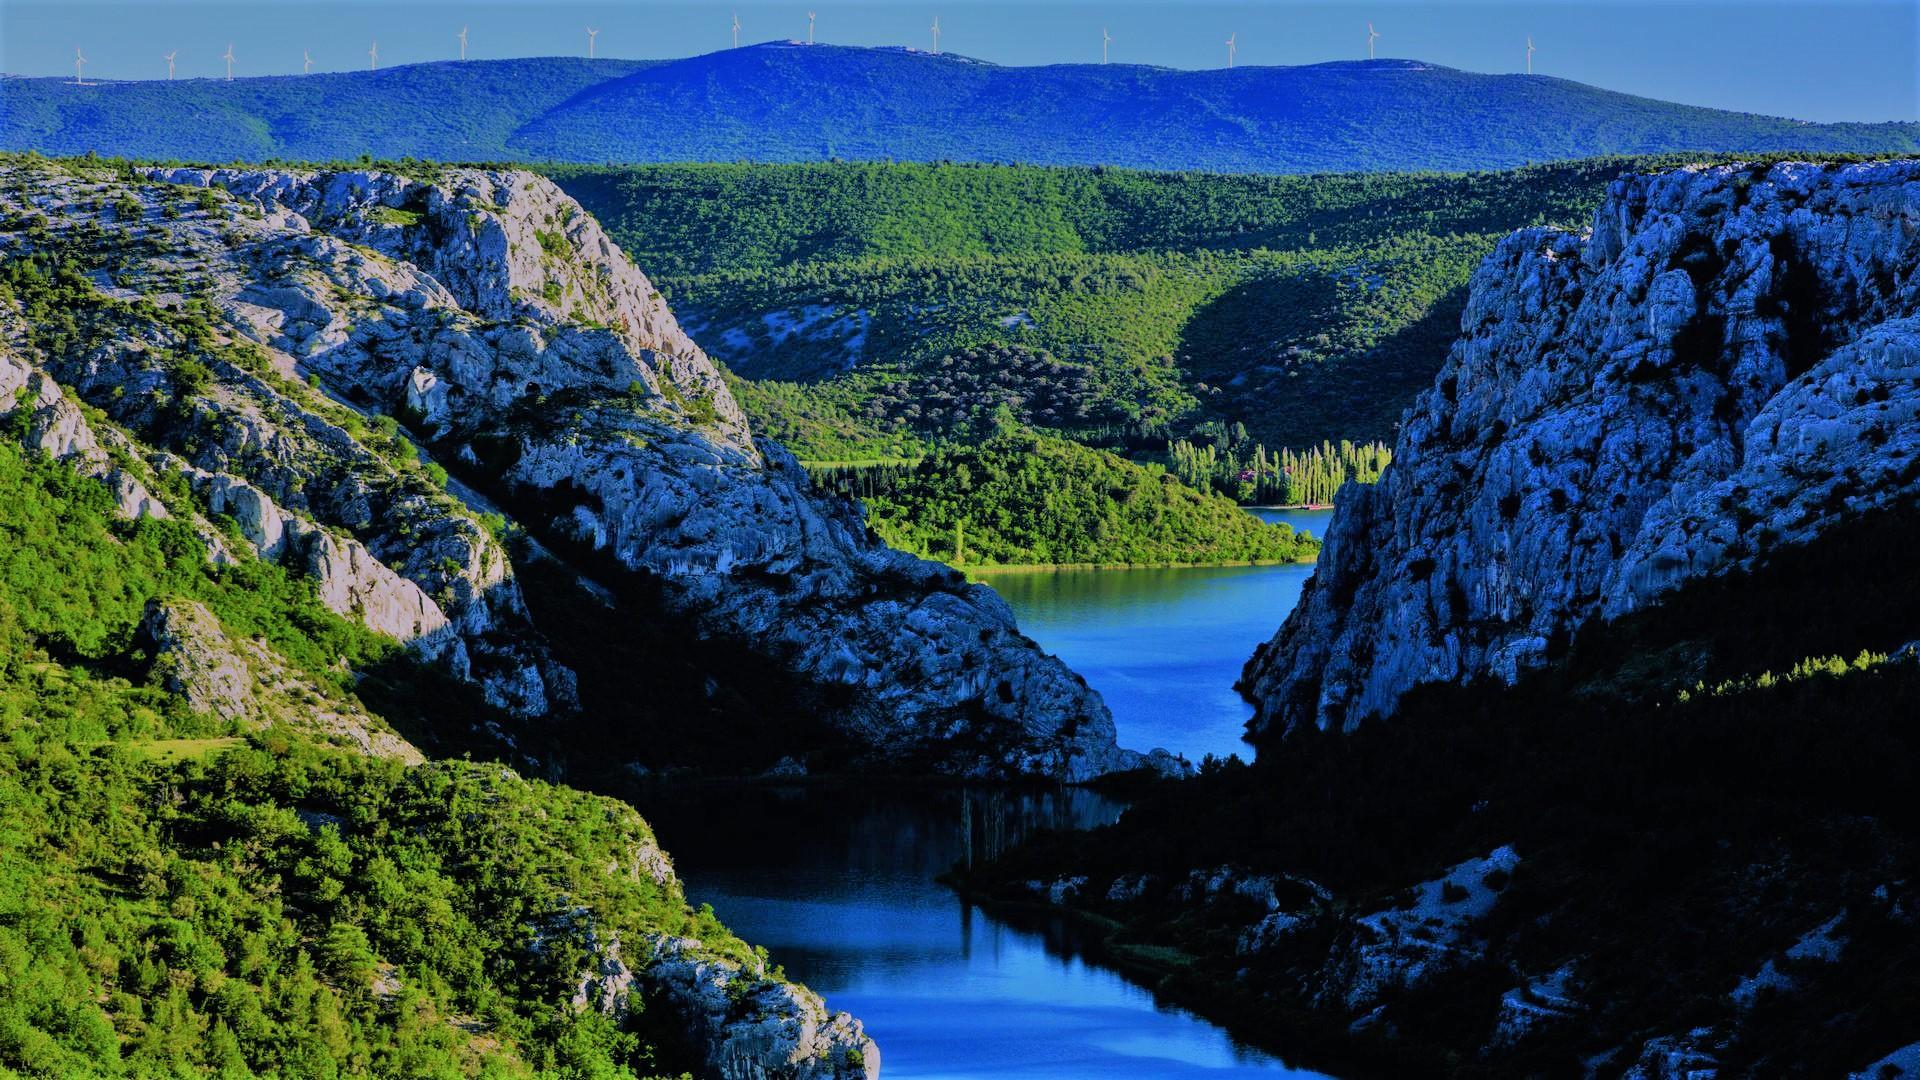 Nacionalni park Krka - Kanjoj rijeke Krke